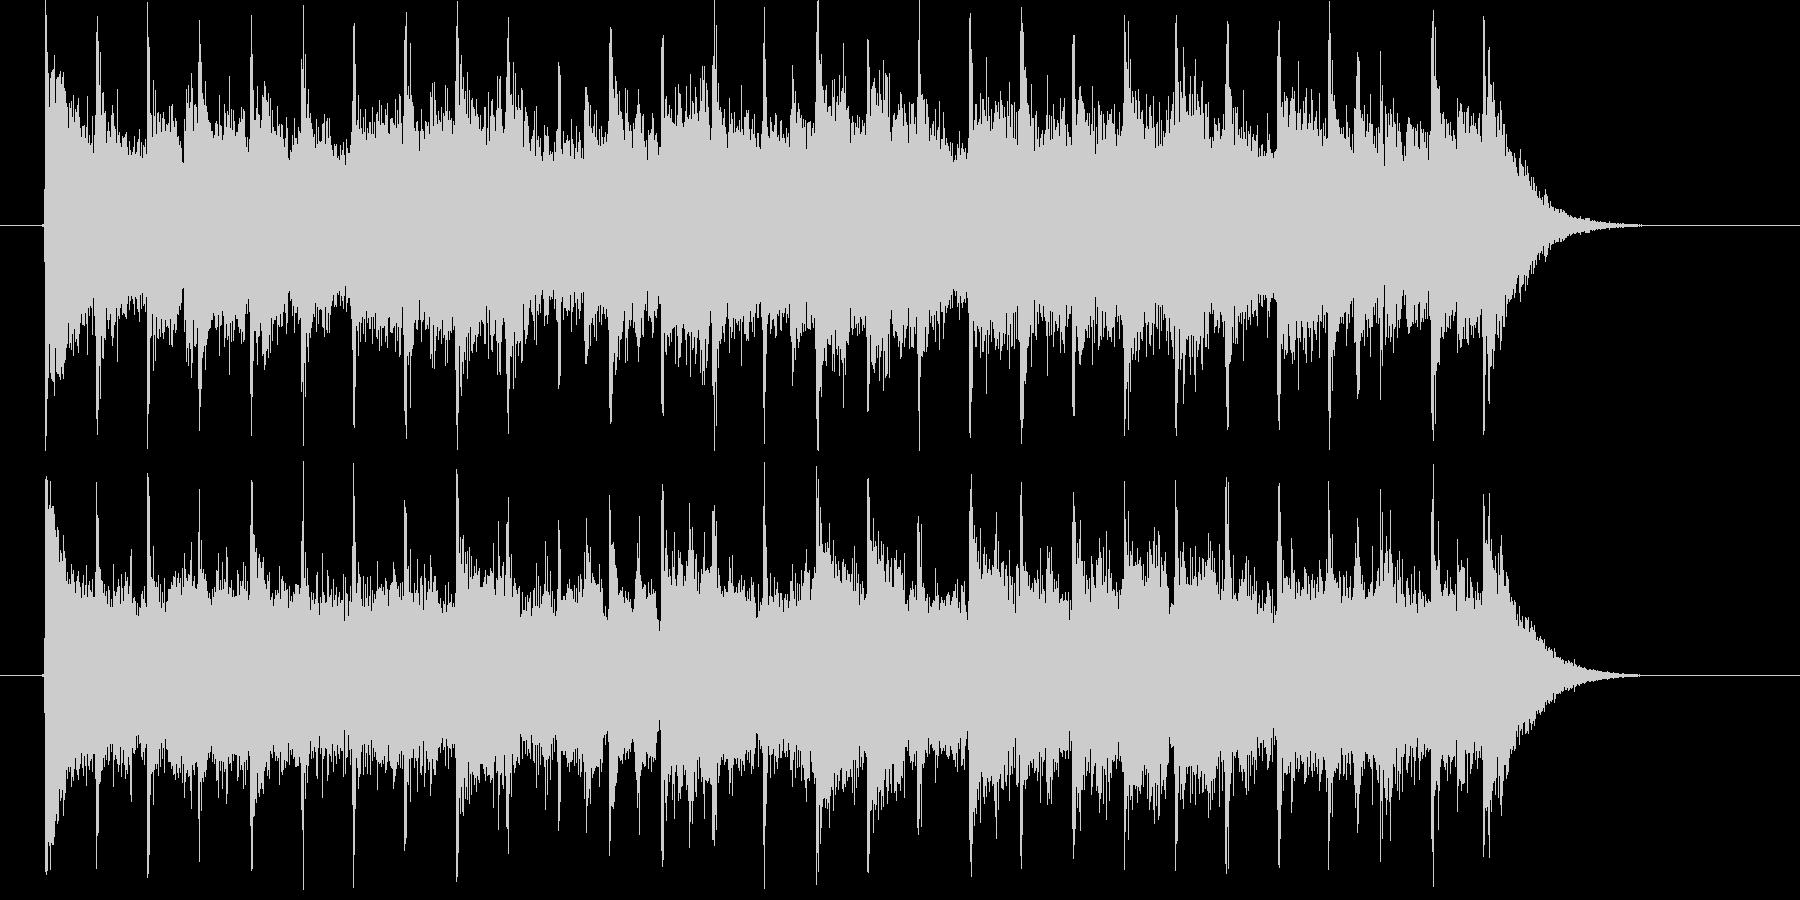 朗らかでリズミカルなピアノジングルの未再生の波形